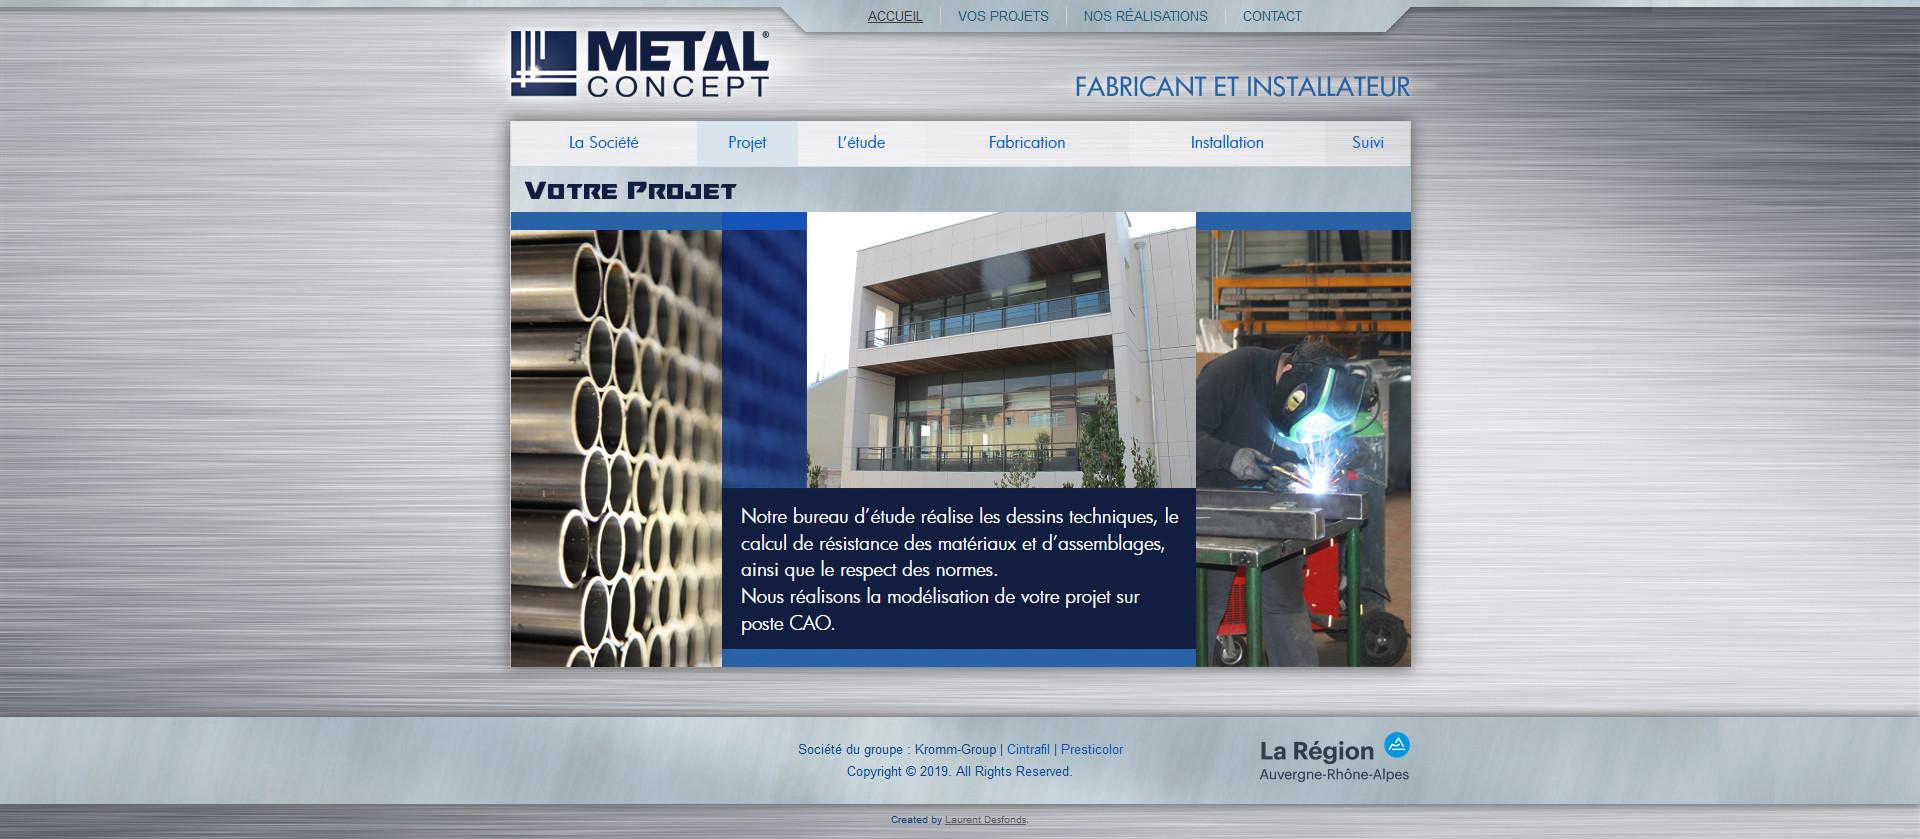 Metal concept.jpg